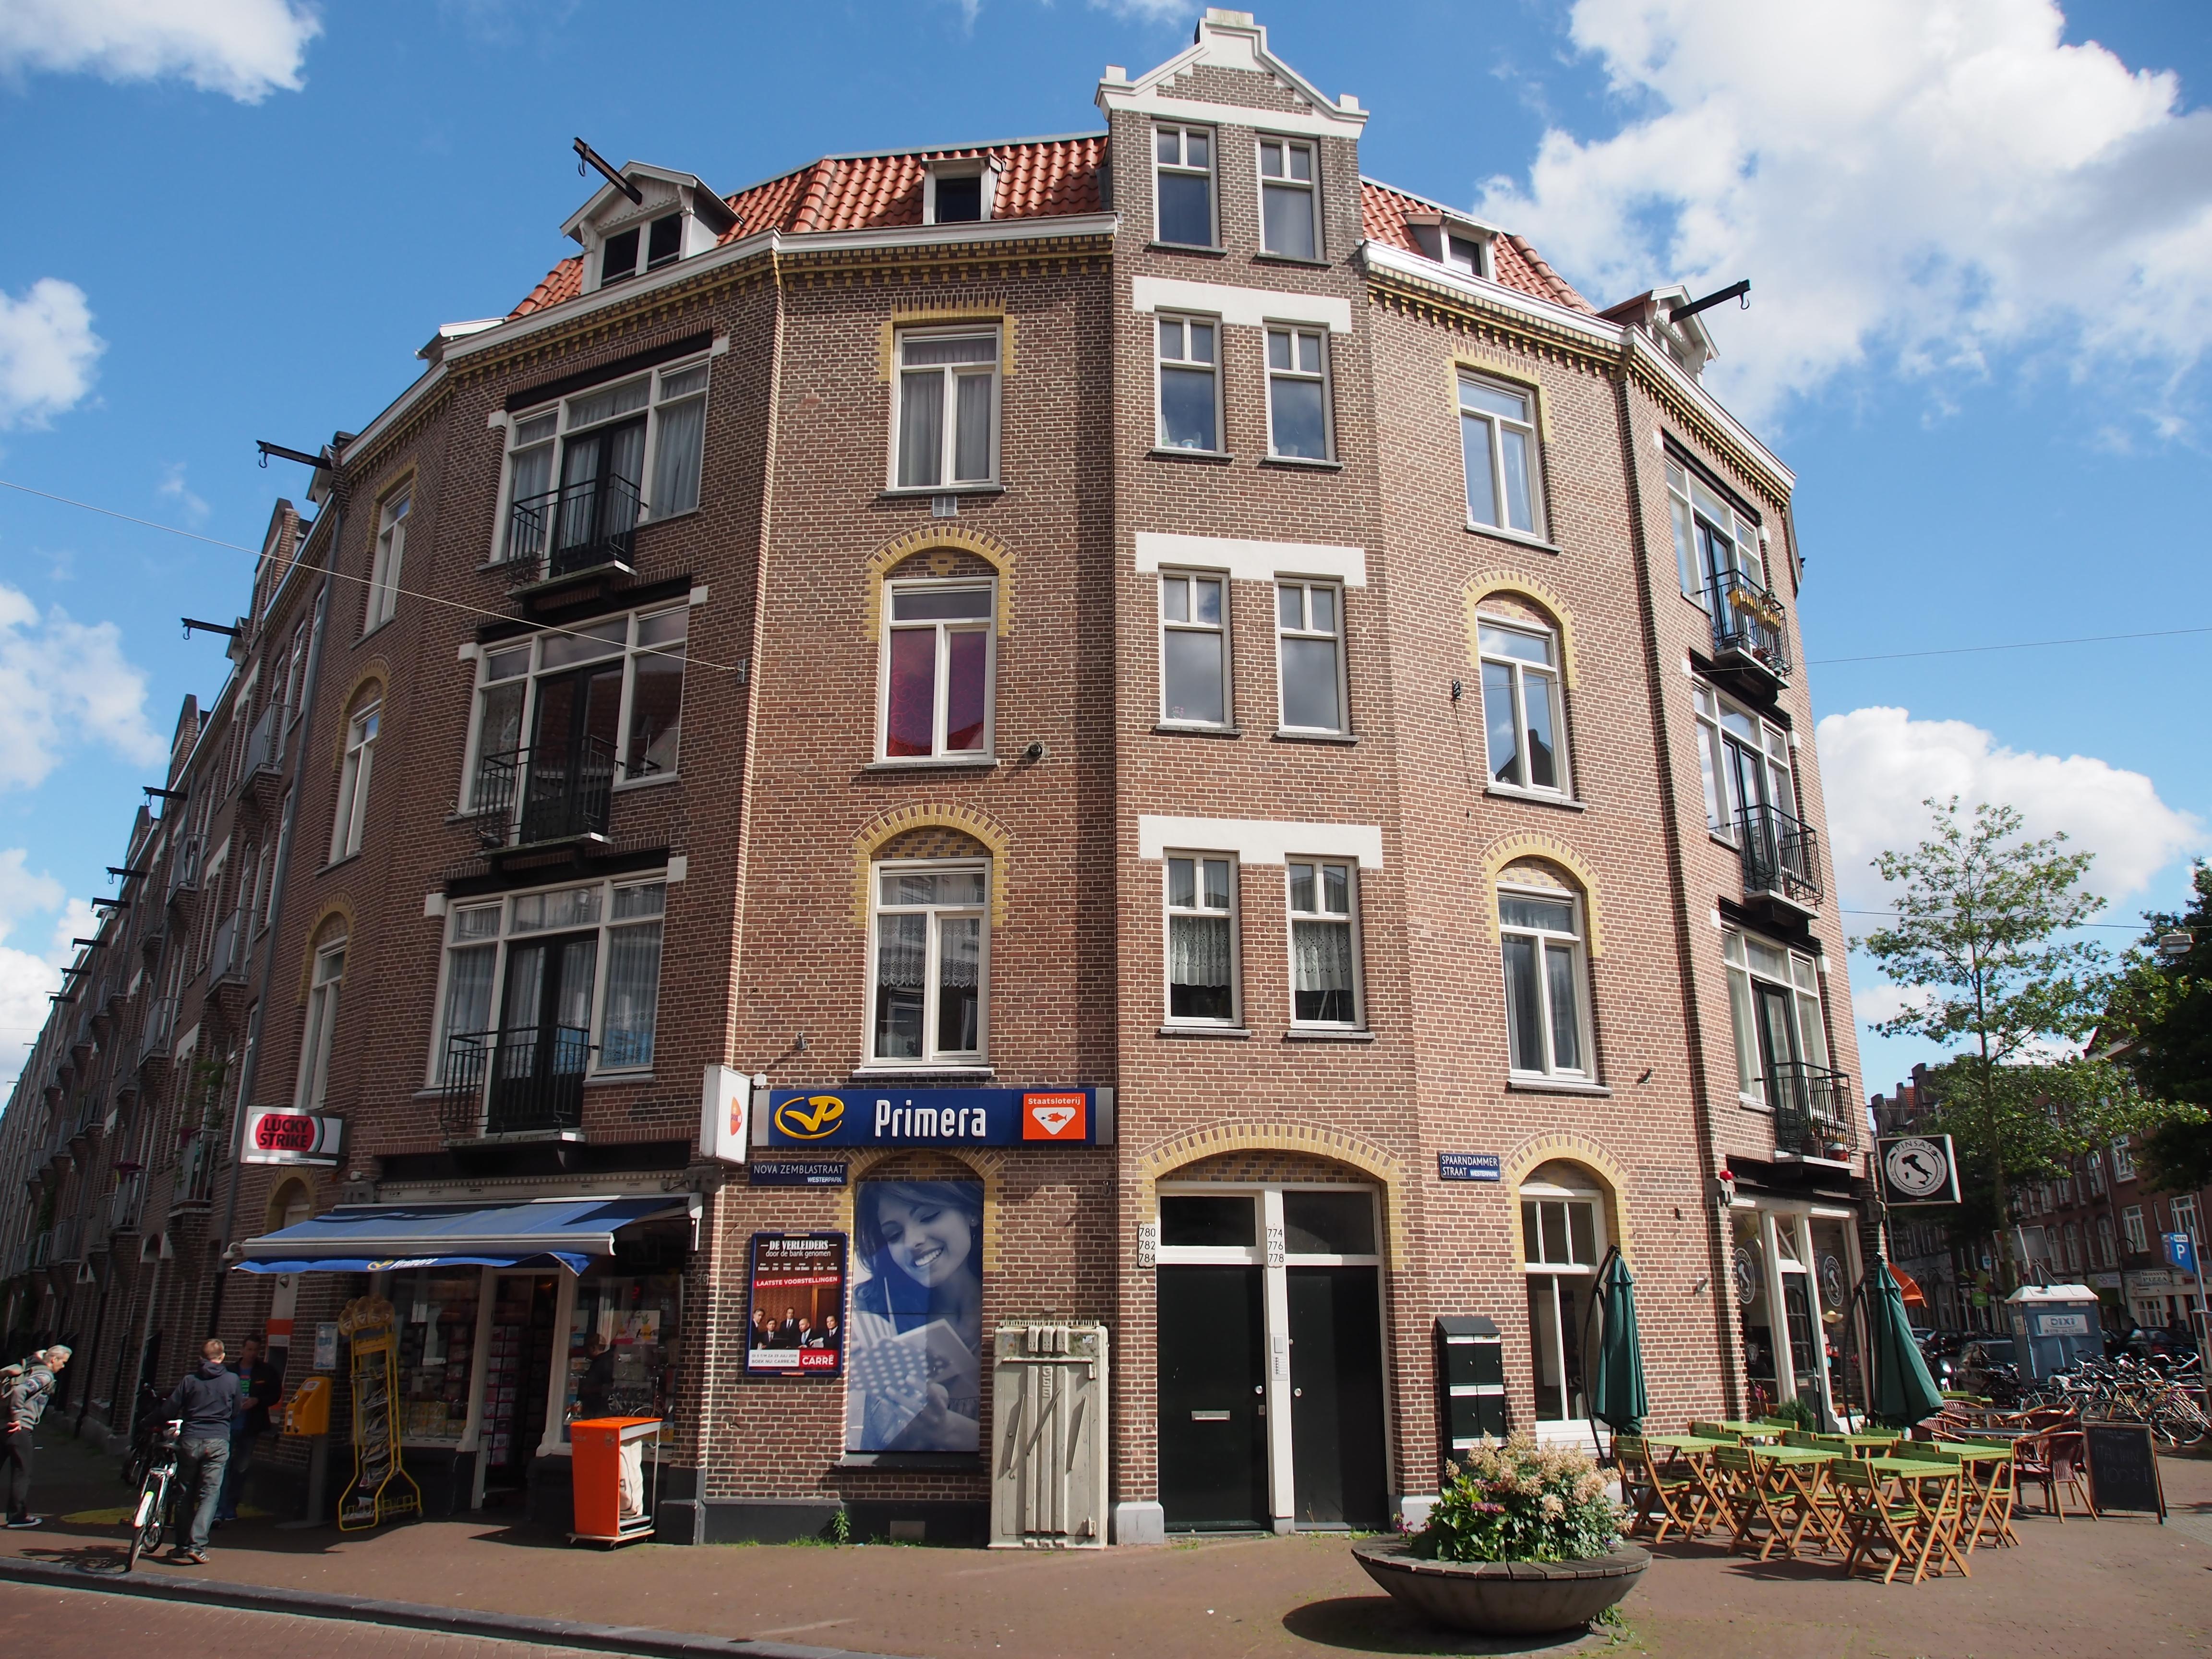 2 Hoek 2 Bank.File Nova Zemblastraat Hoek Spaarndammerstraat Pic1 Jpg Wikimedia